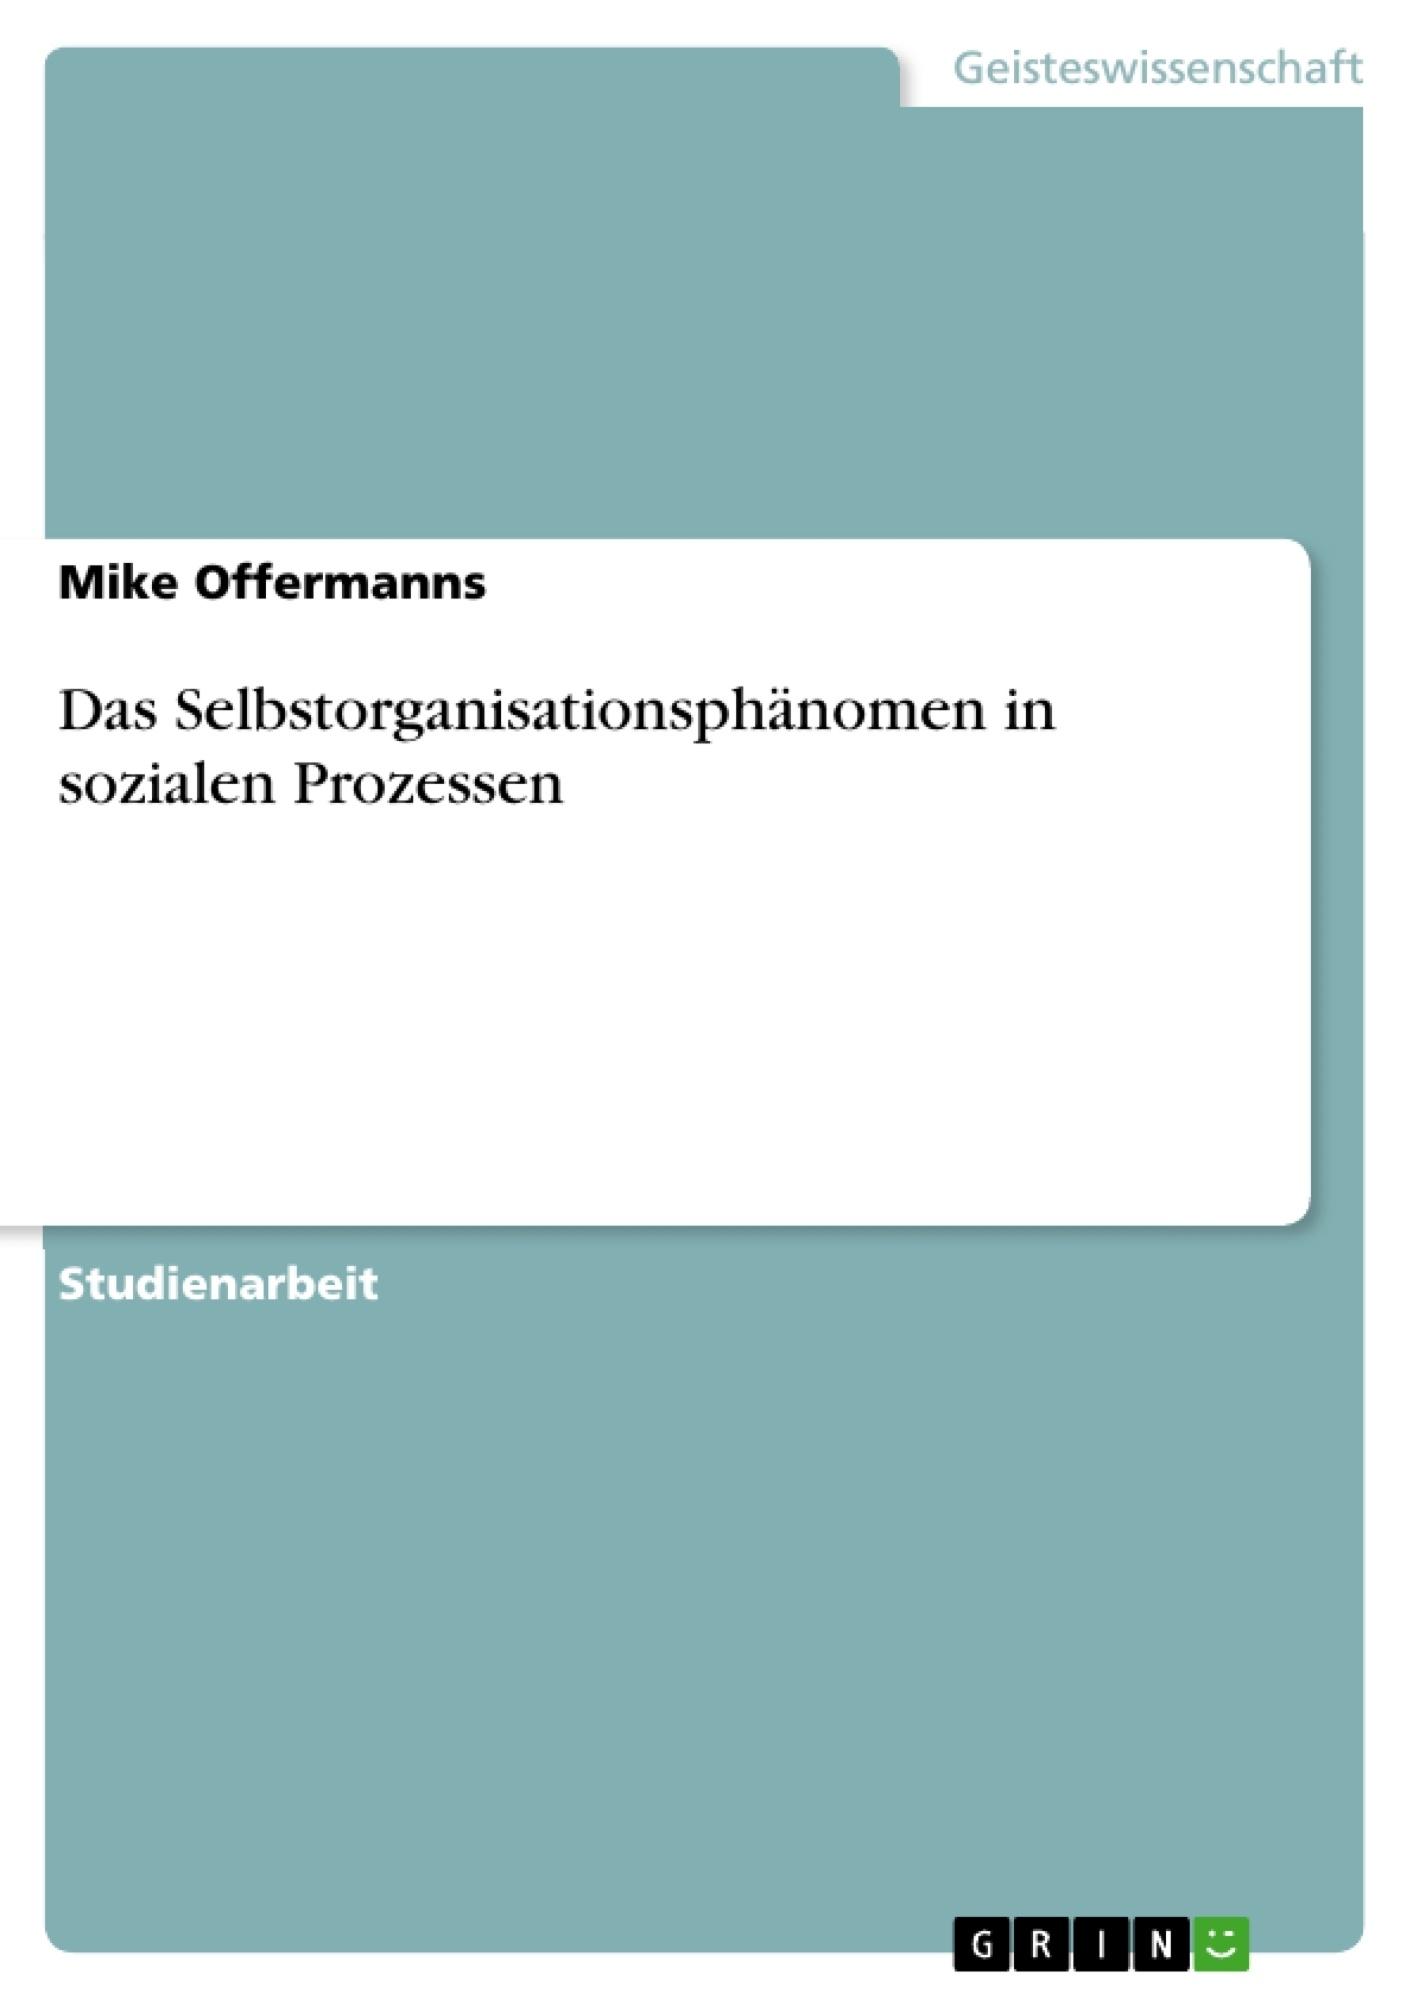 Titel: Das Selbstorganisationsphänomen in sozialen Prozessen